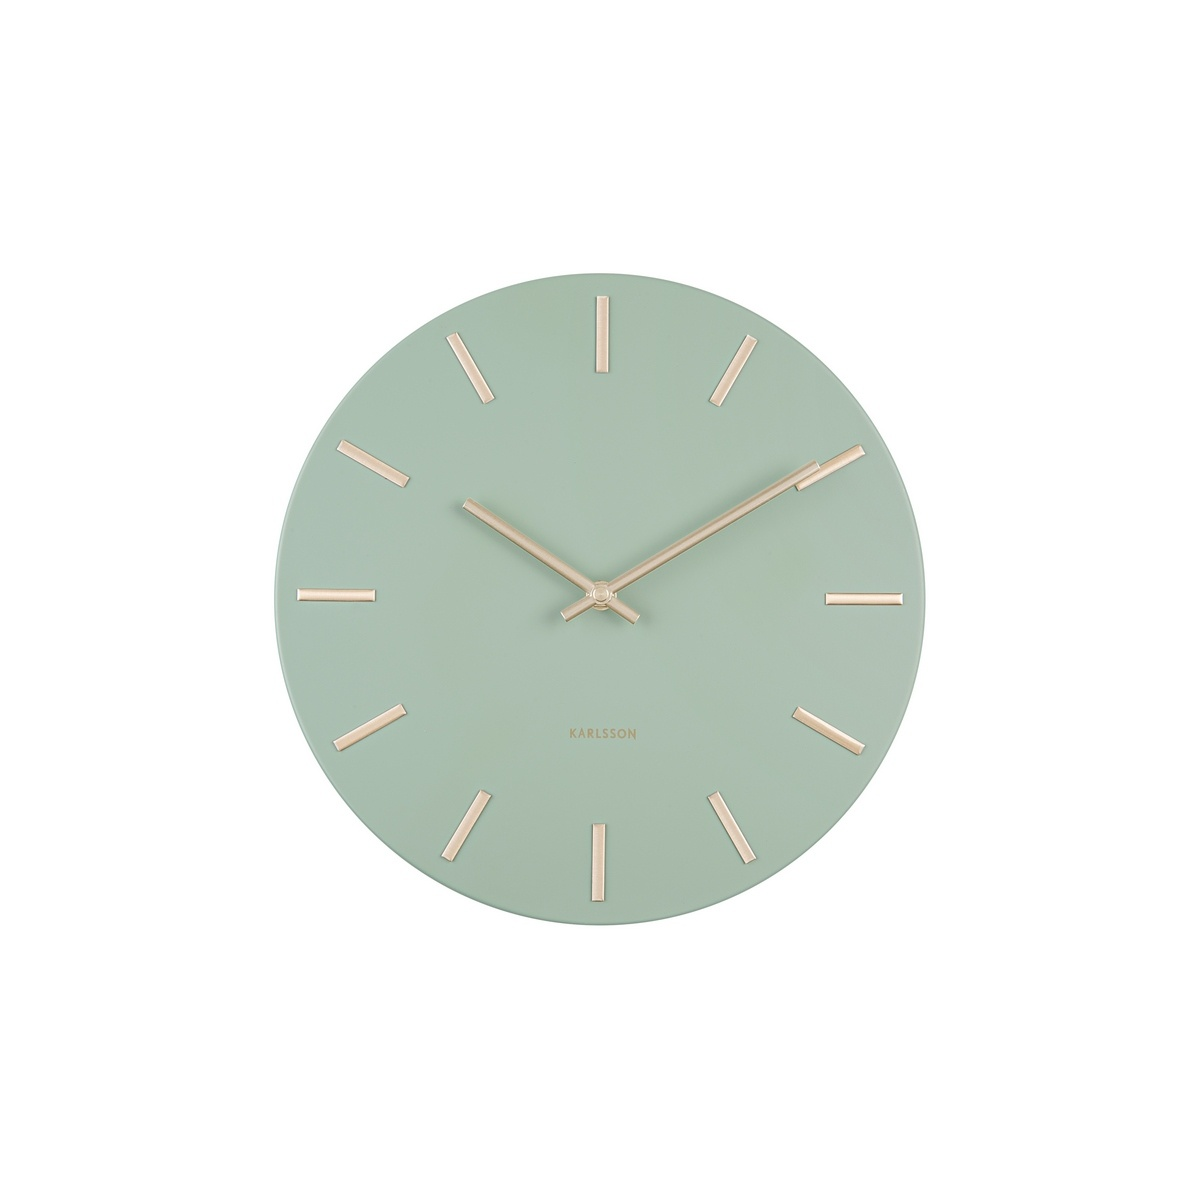 Karlsson Designové nástěnné hodiny KA5821GR